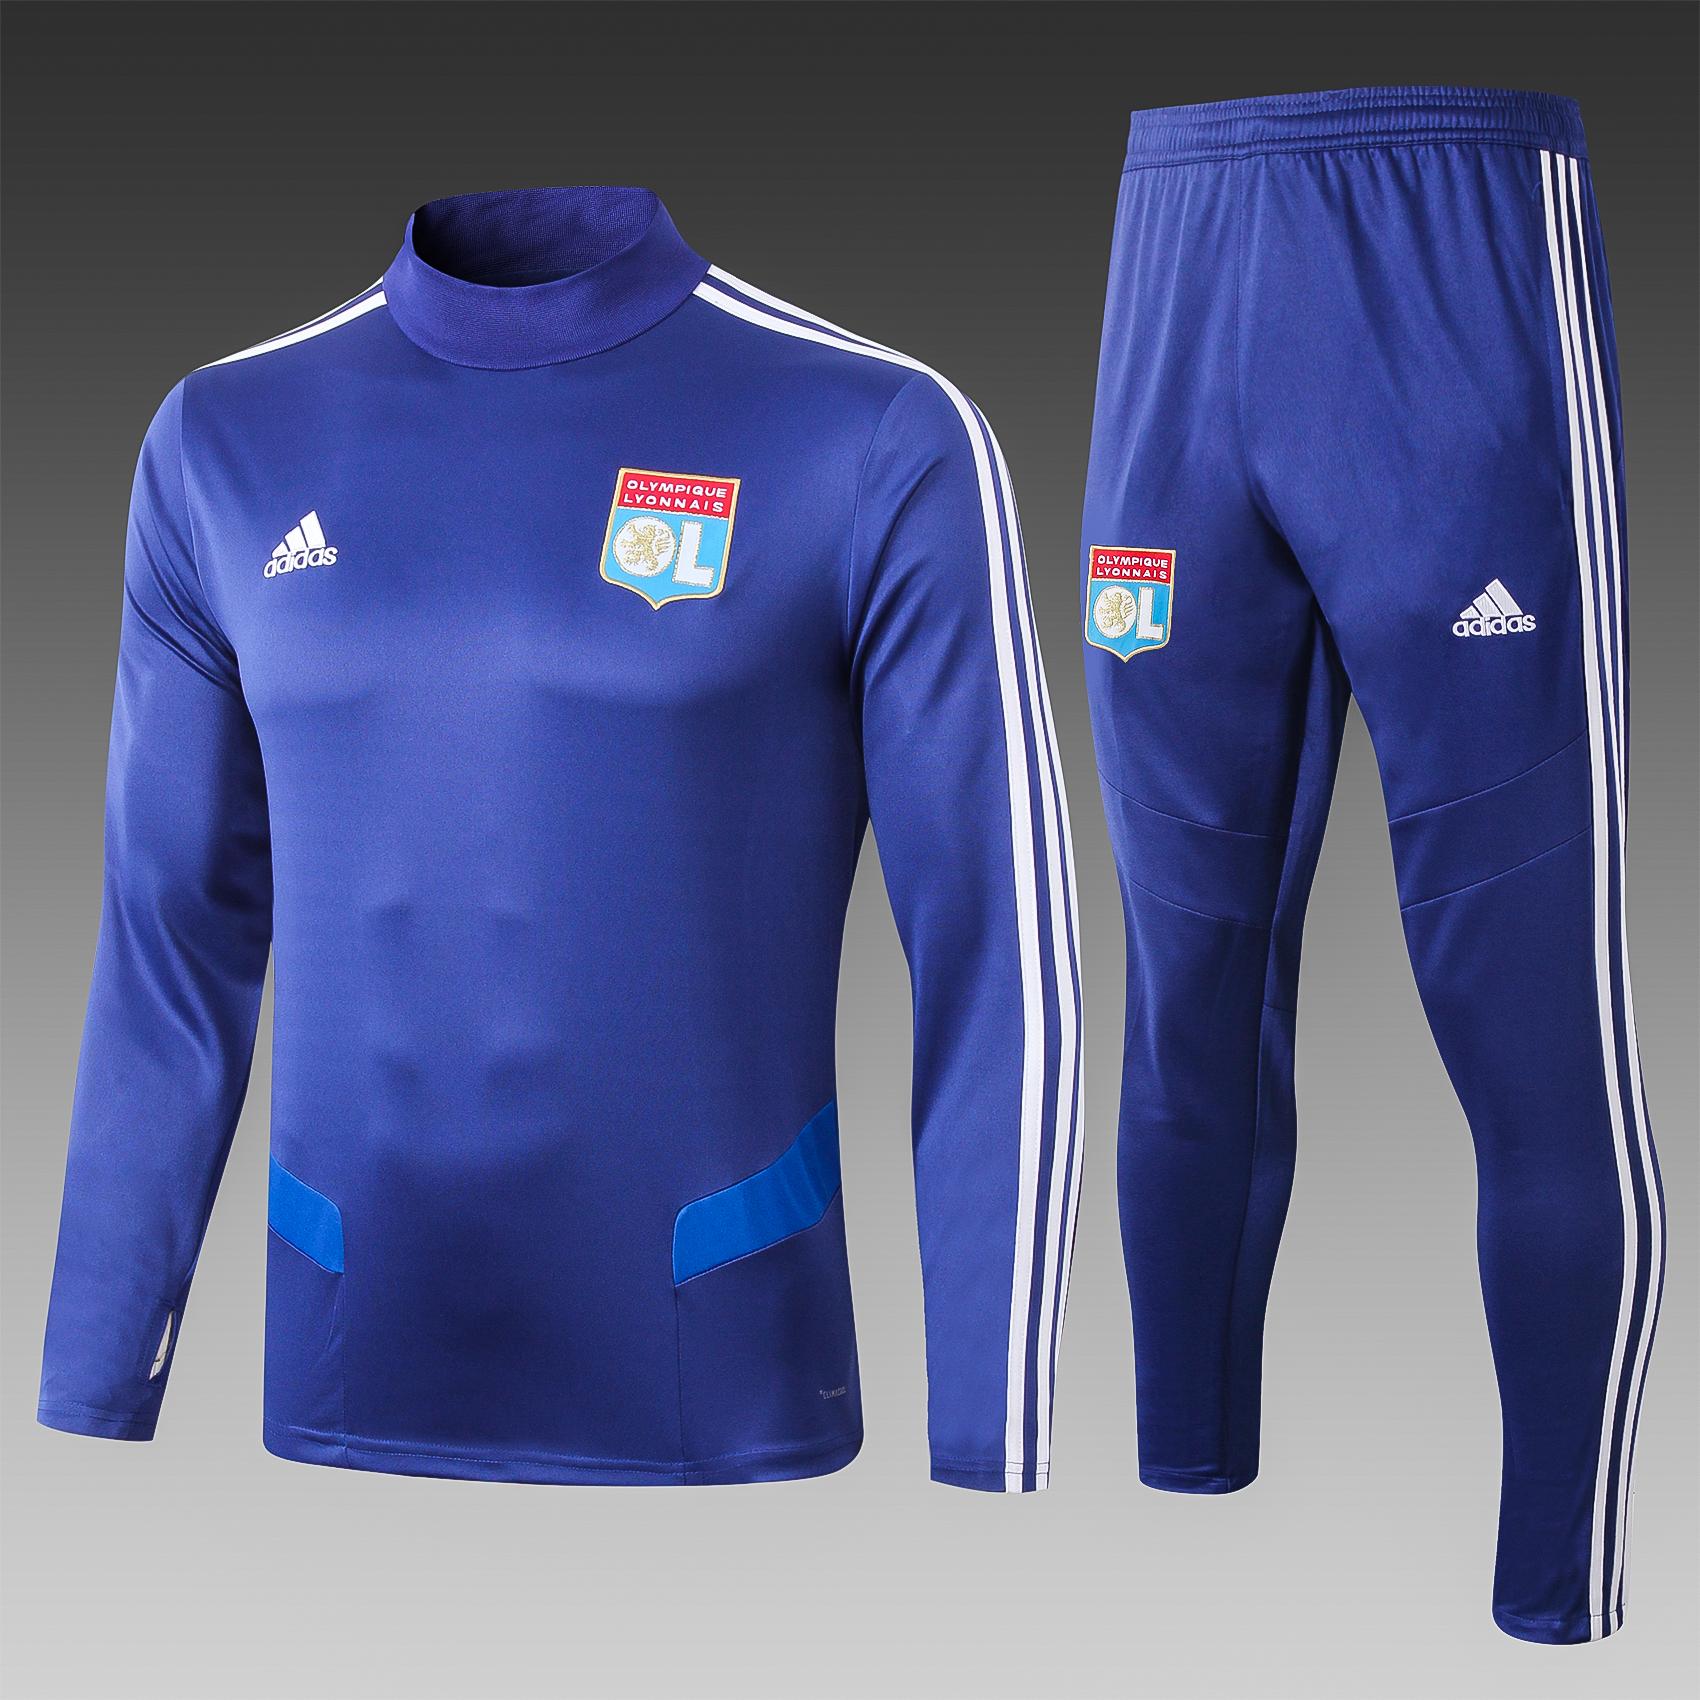 Training Olympique Lyonnais saison 2019-2020